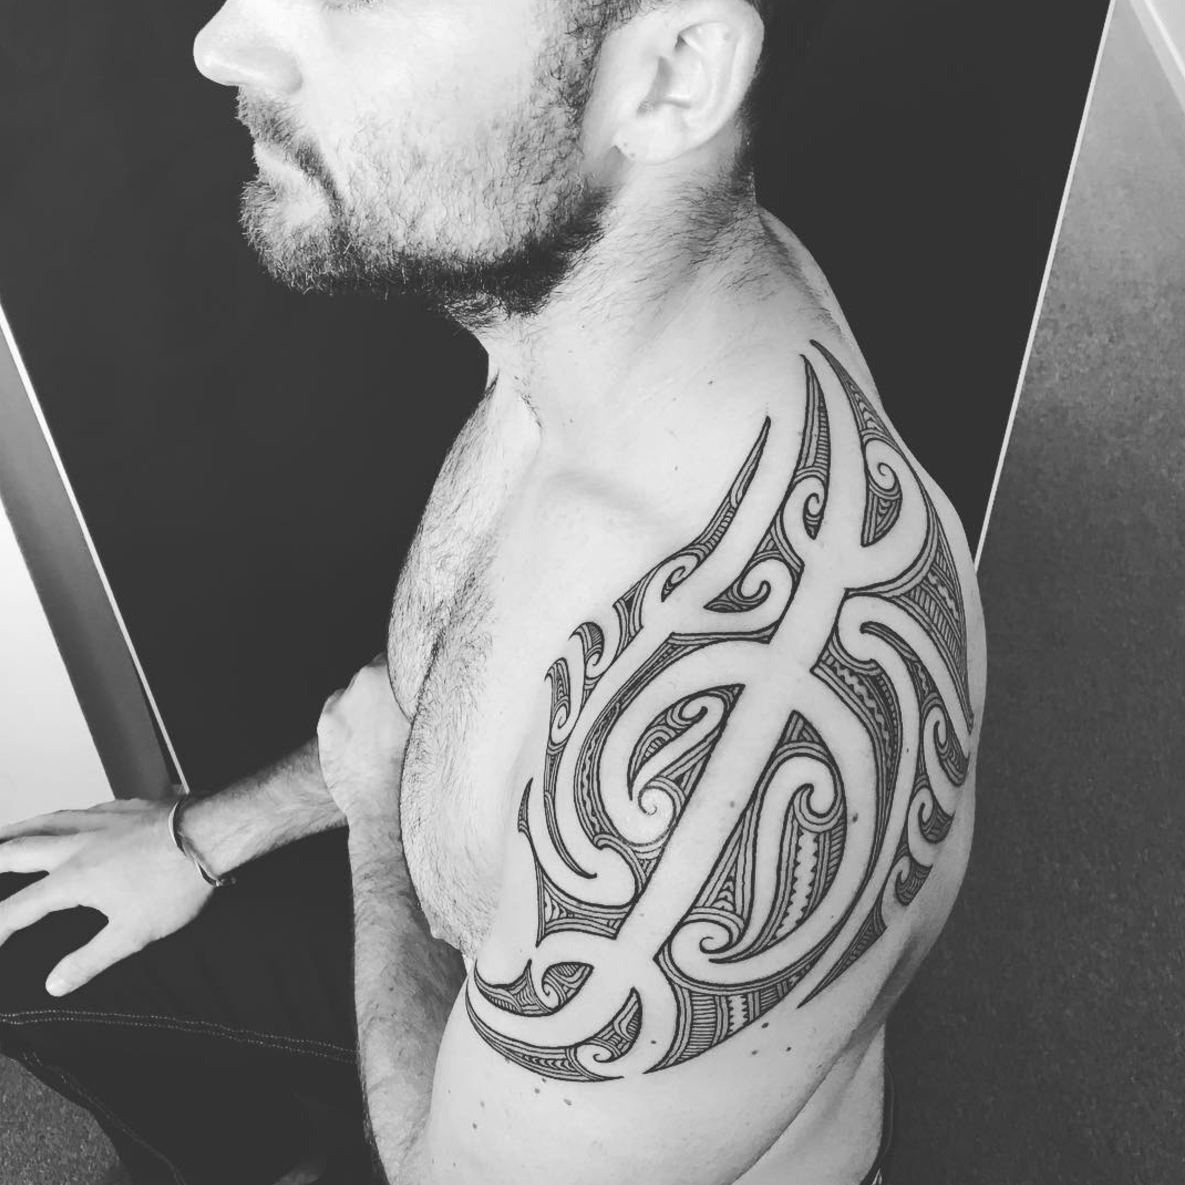 tamoko-tattoo-nz.png